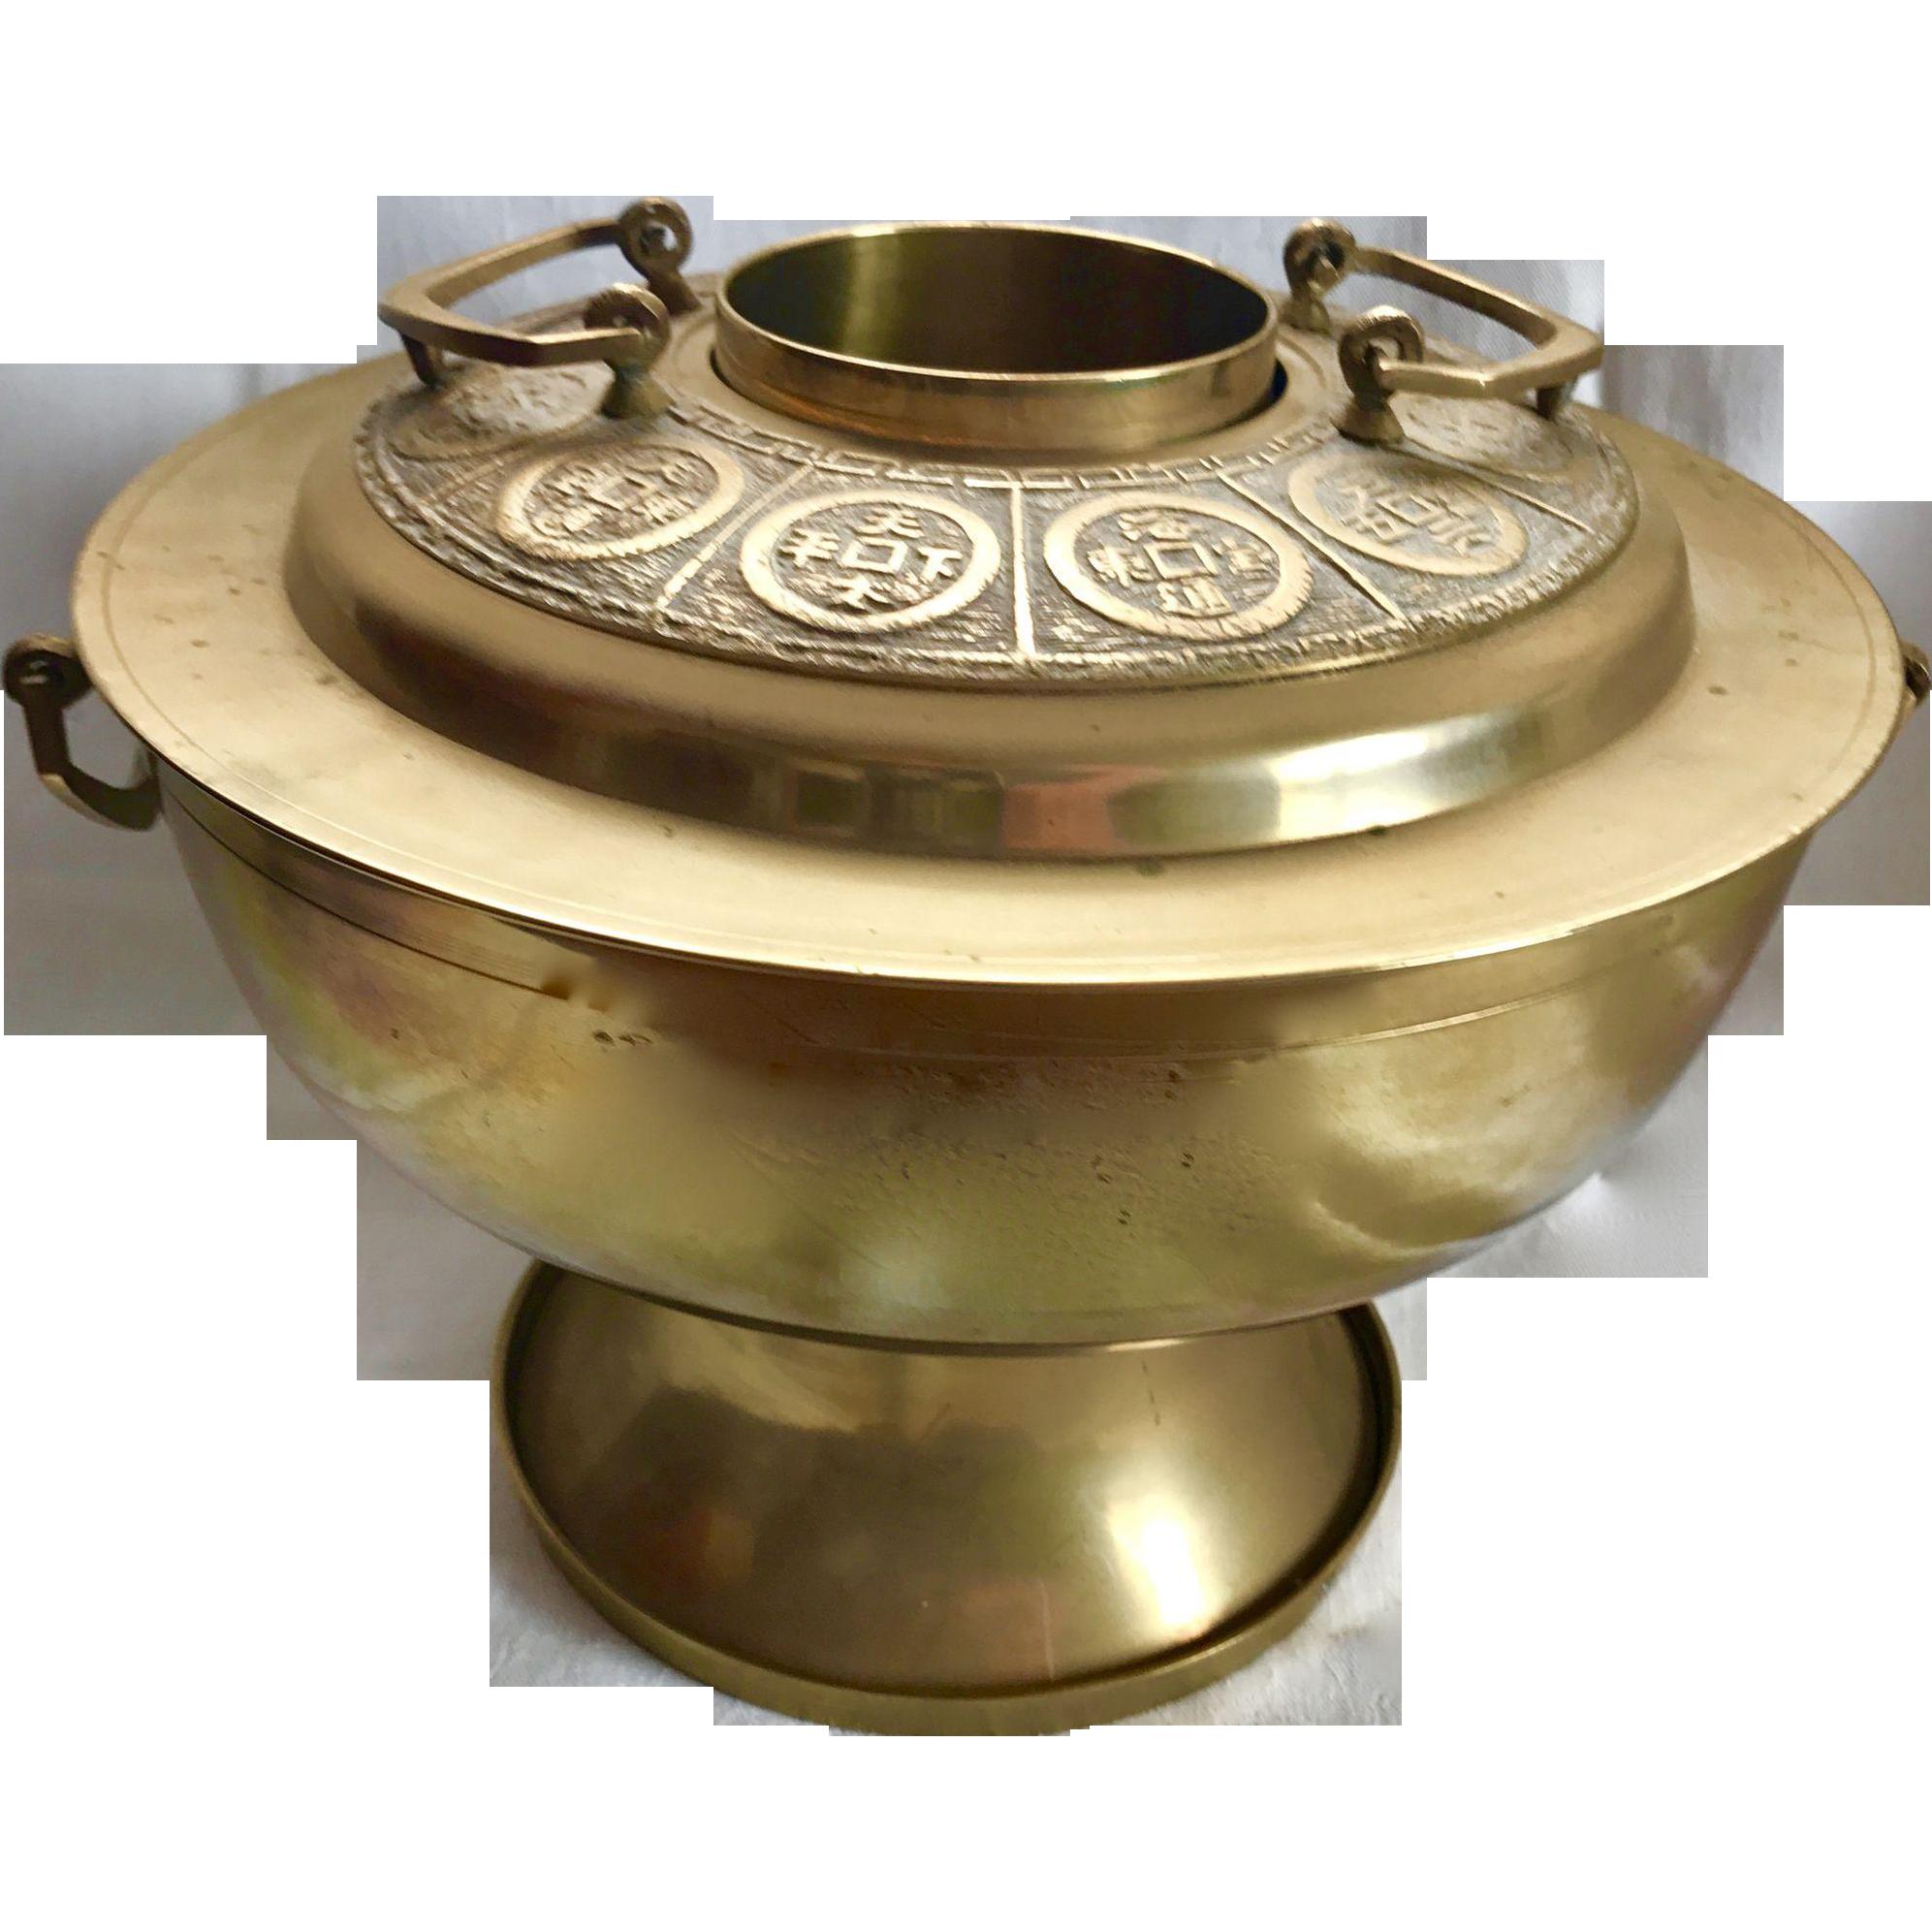 Vintage Korean Brass Rice Steamer